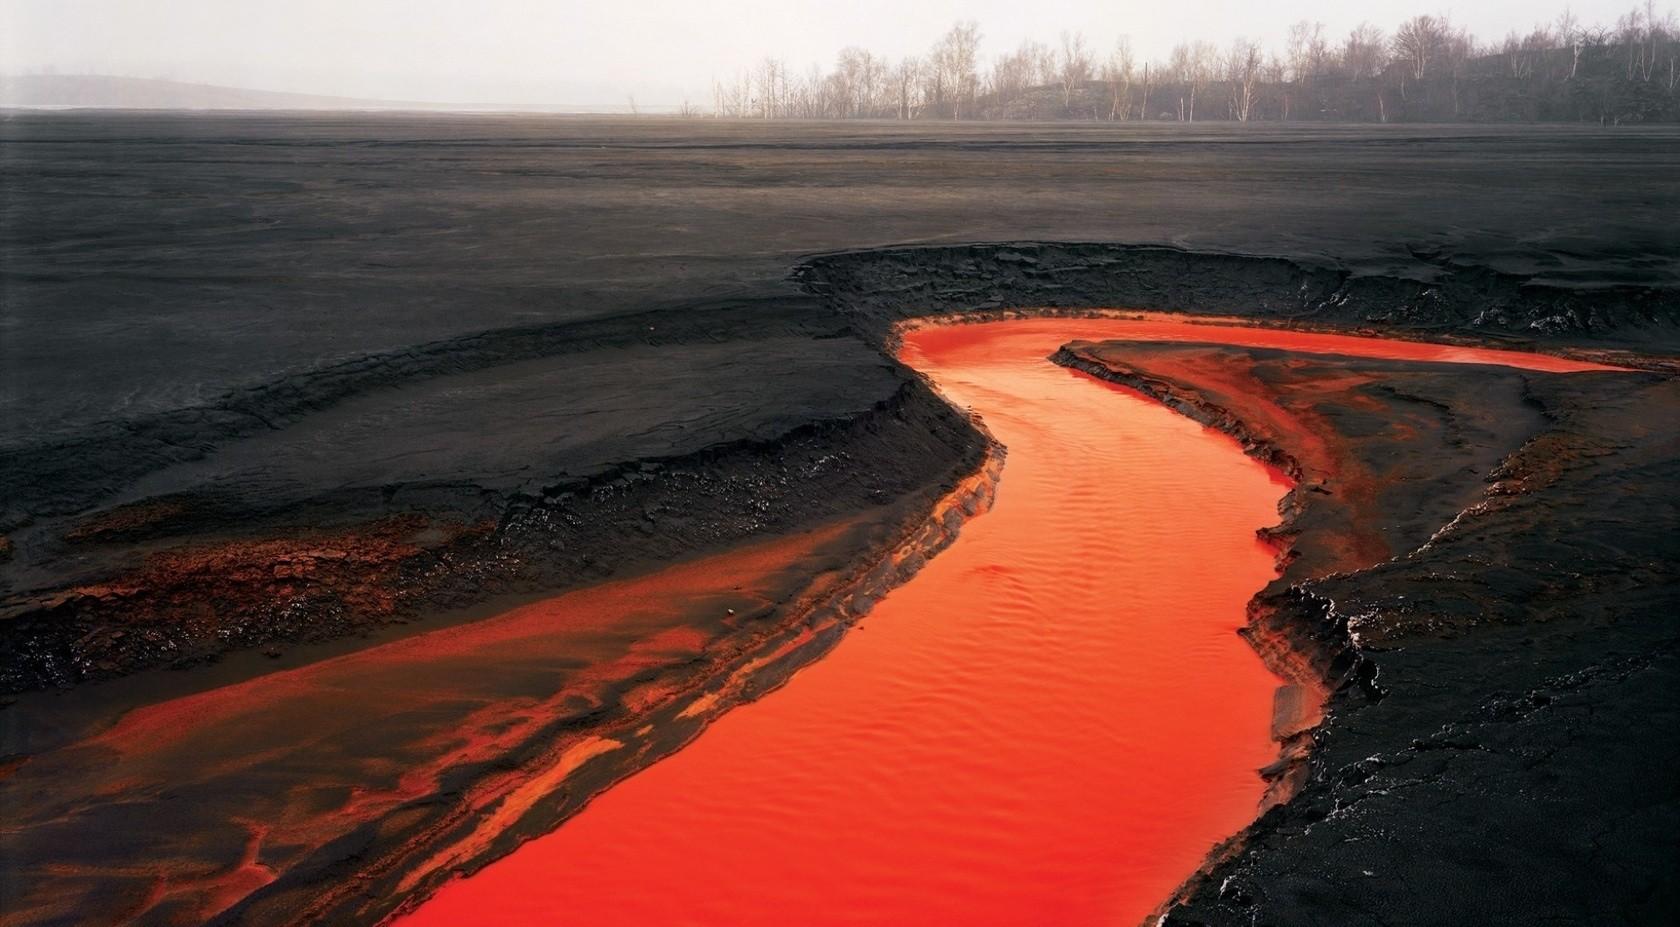 ВНорникеле появление «кровавой» реки пояснили аномальными дождями